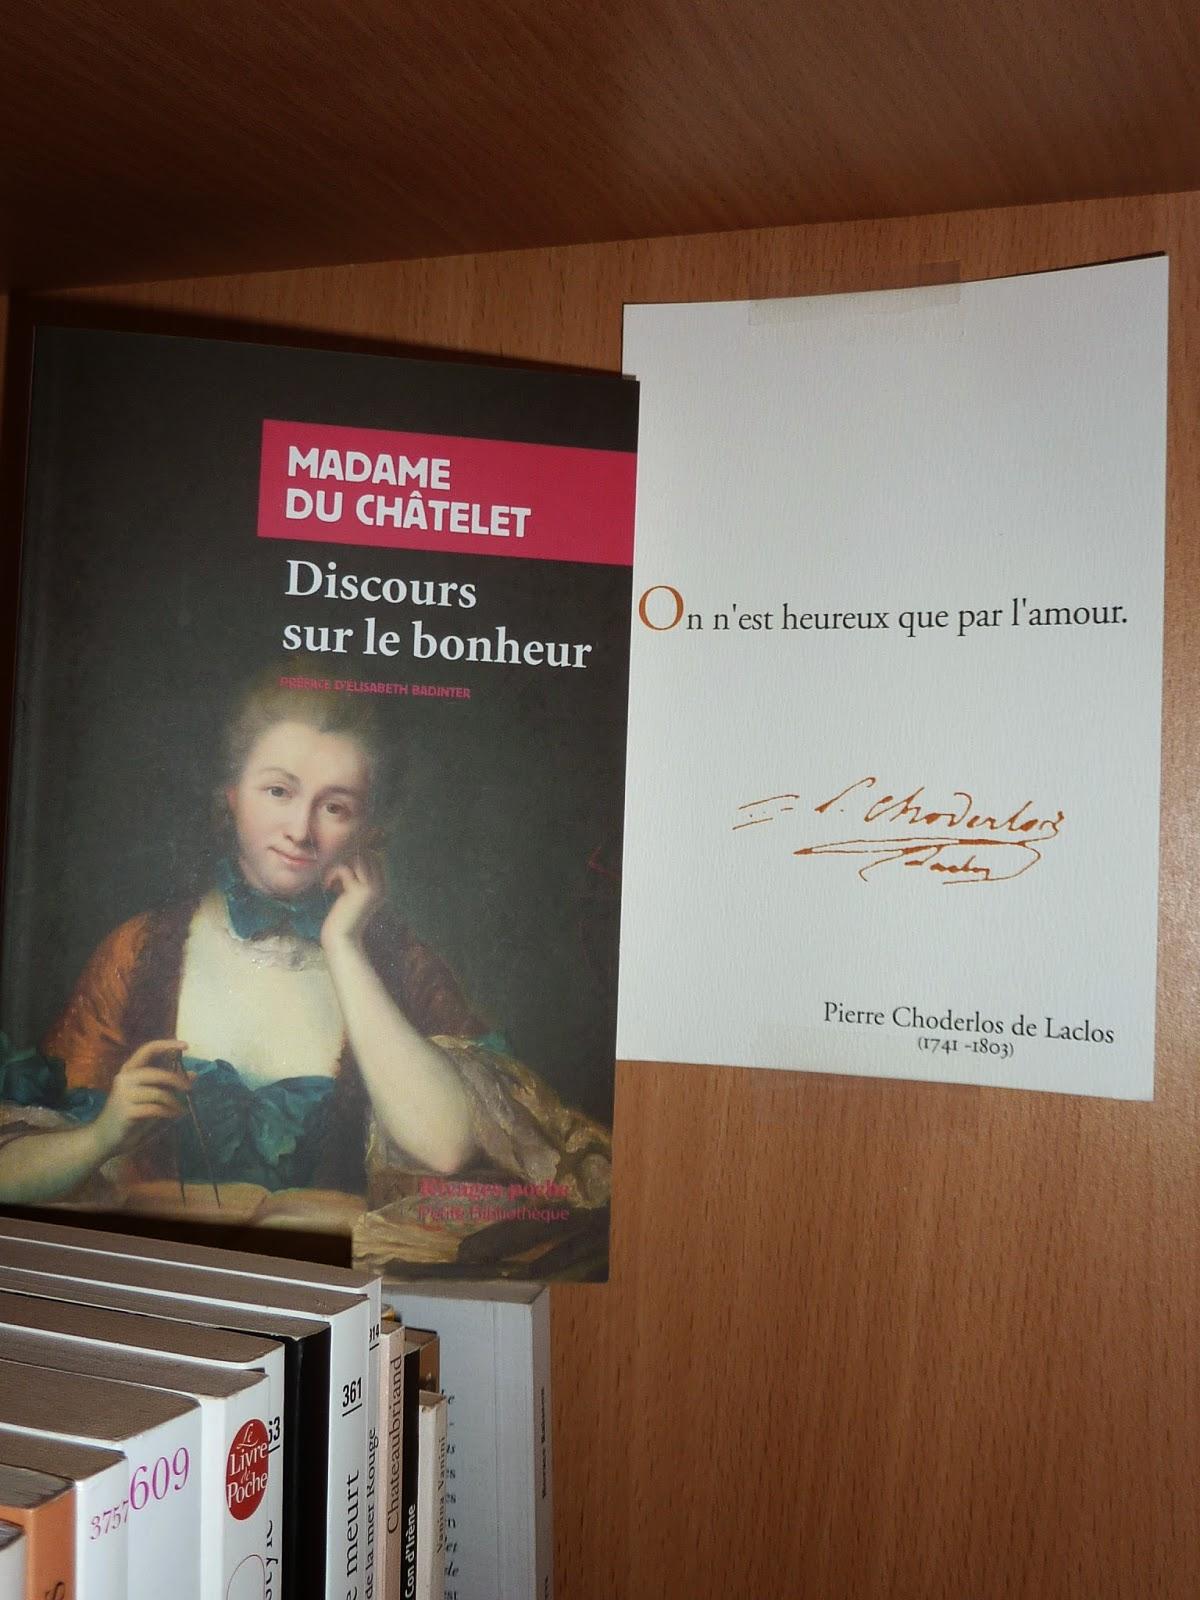 Discours sur le bonheur - Madame du Châtelet